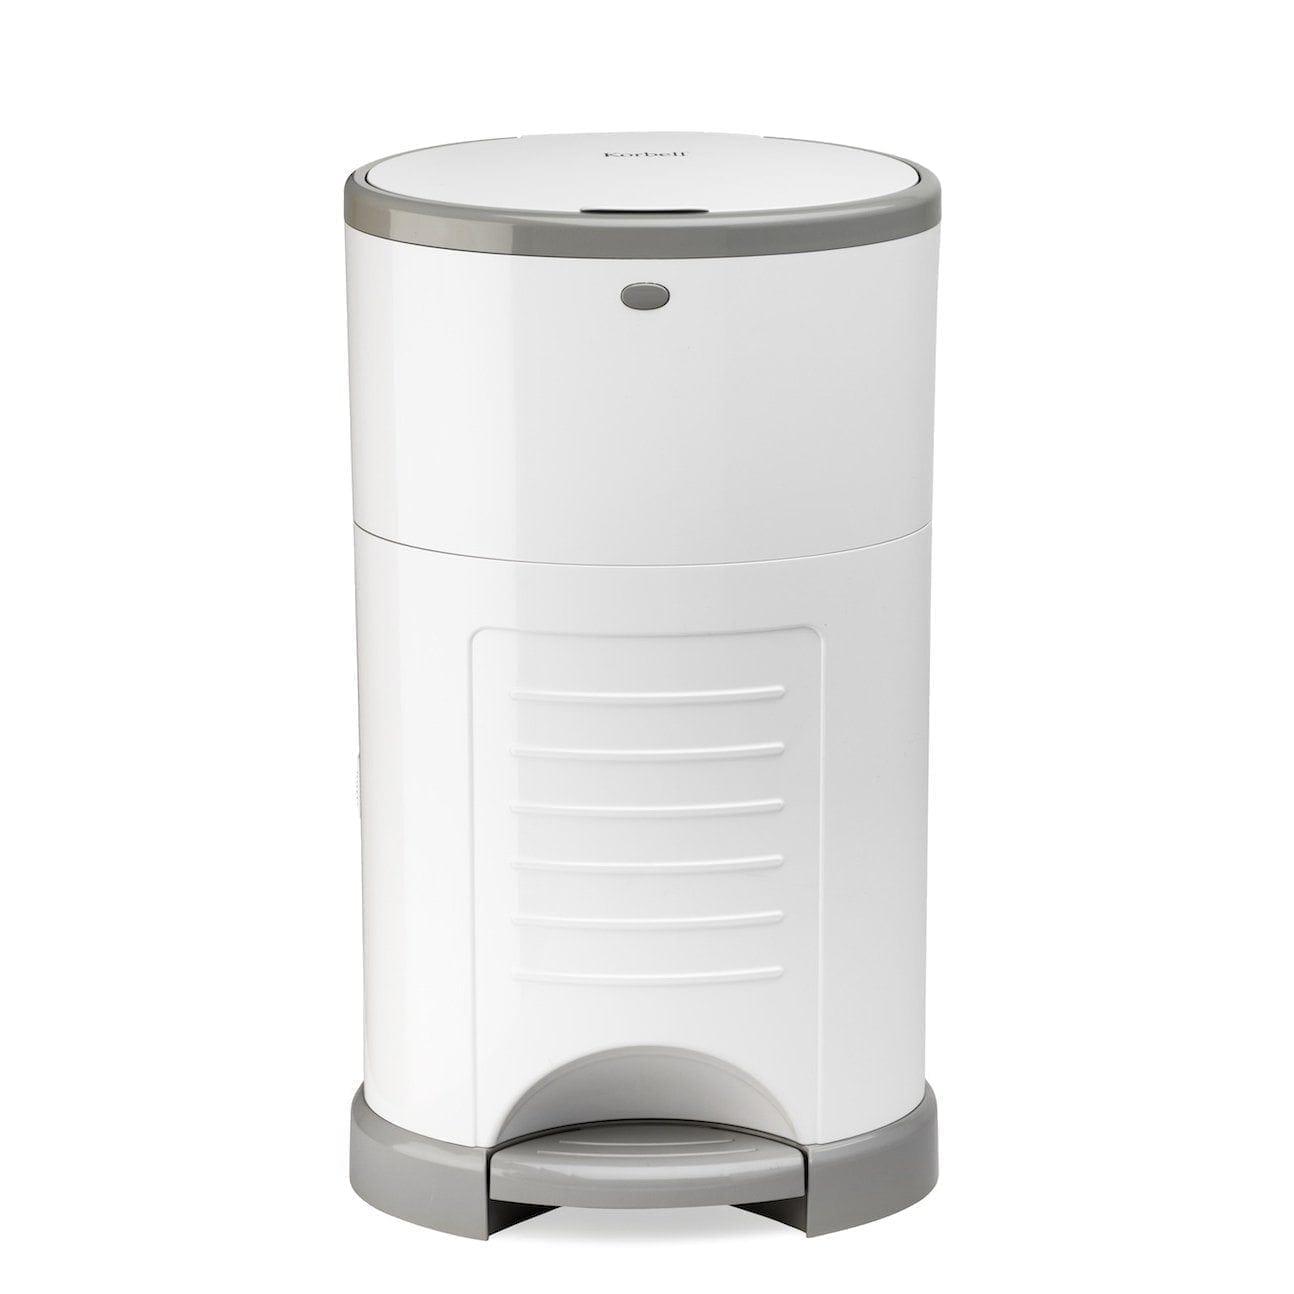 Korbell-16-litre-nappy-bin-white-front